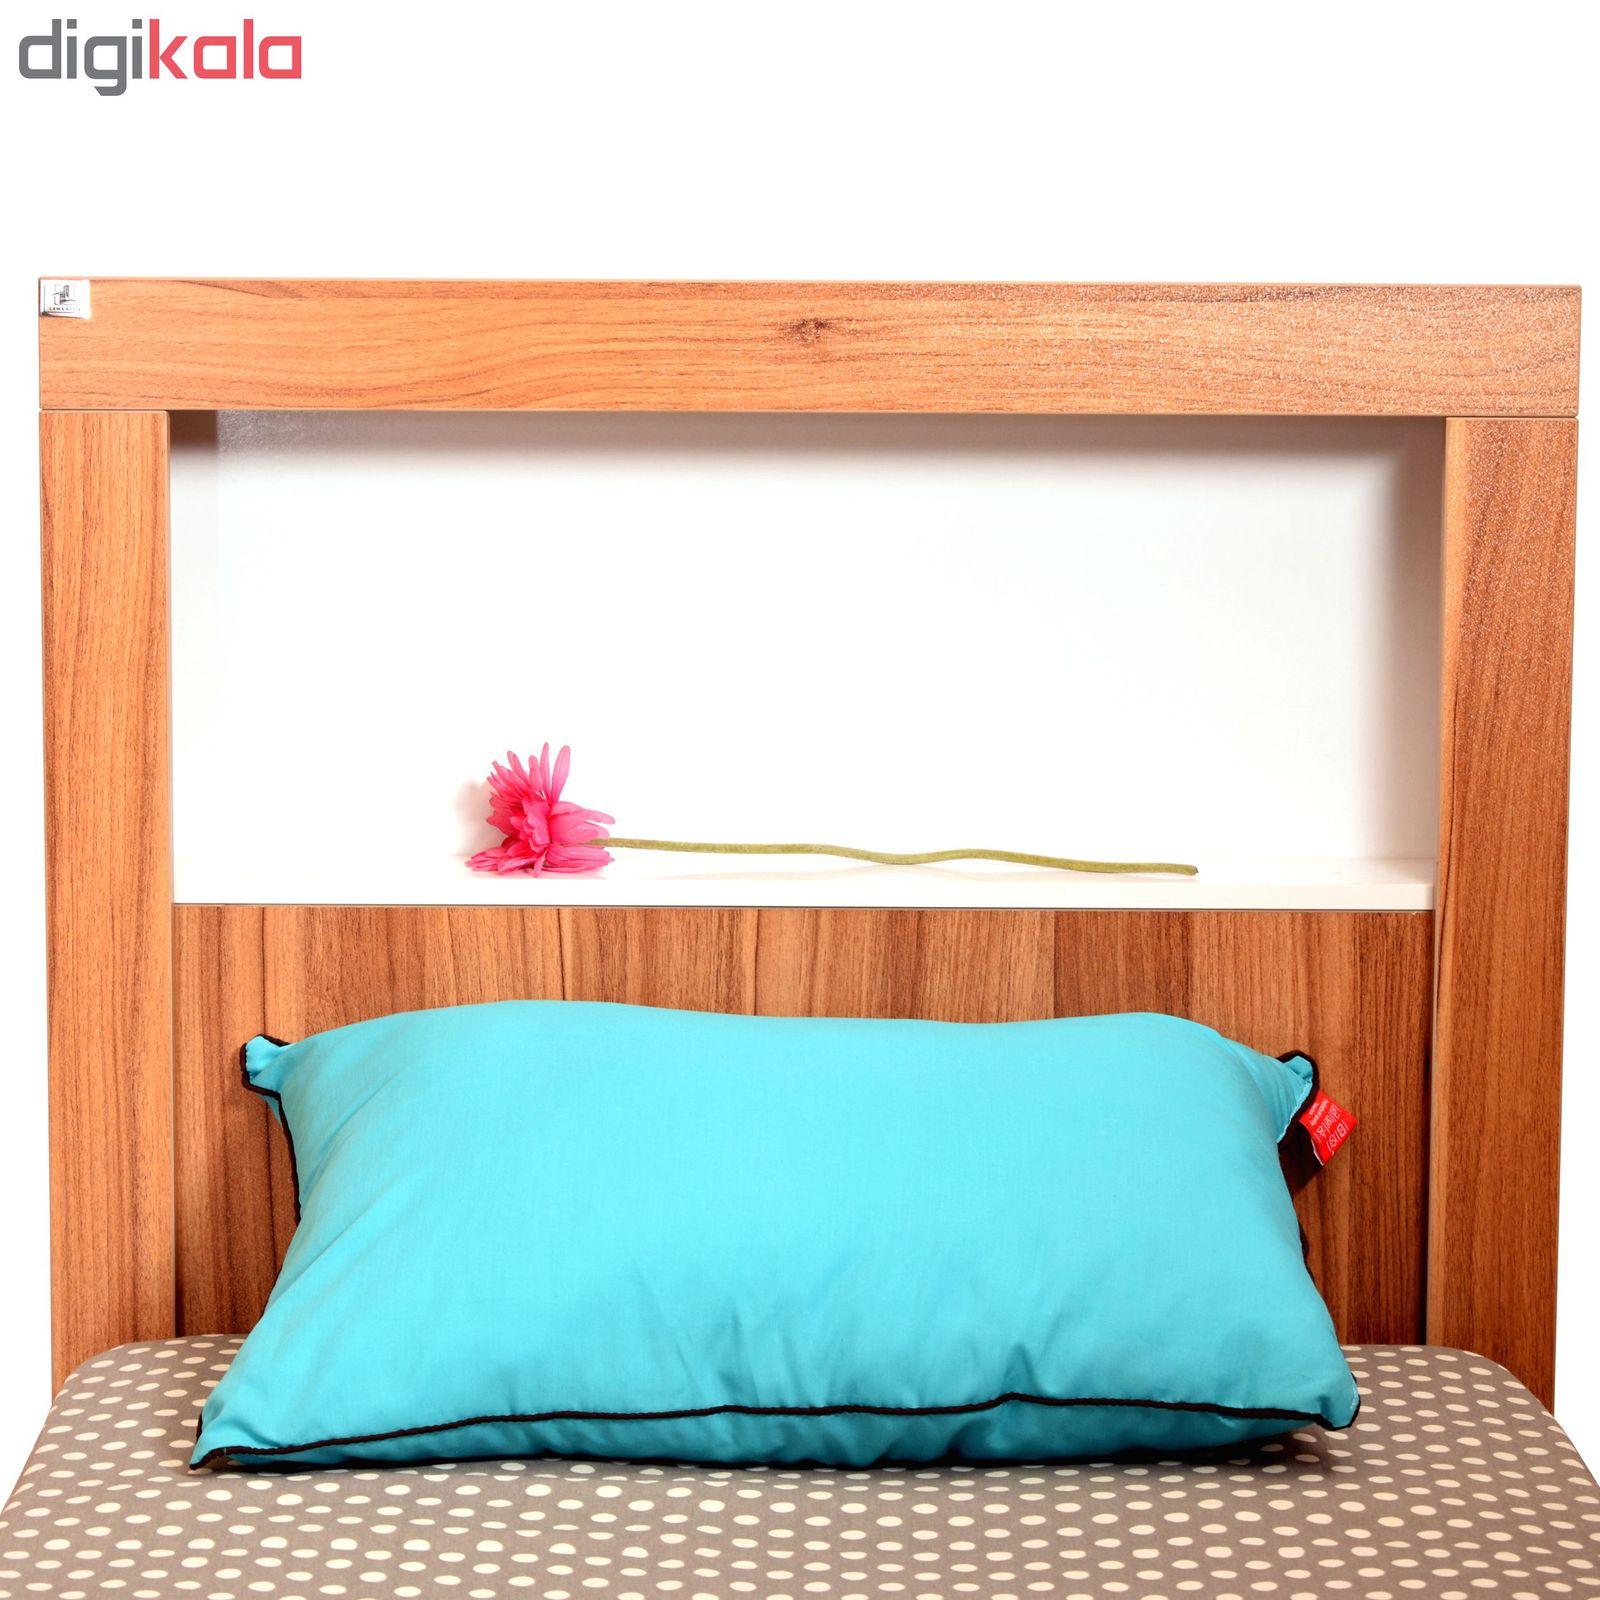 تخت خواب یک نفره لمکده مدل دلارا سایز 211*94 سانتی متر main 1 4